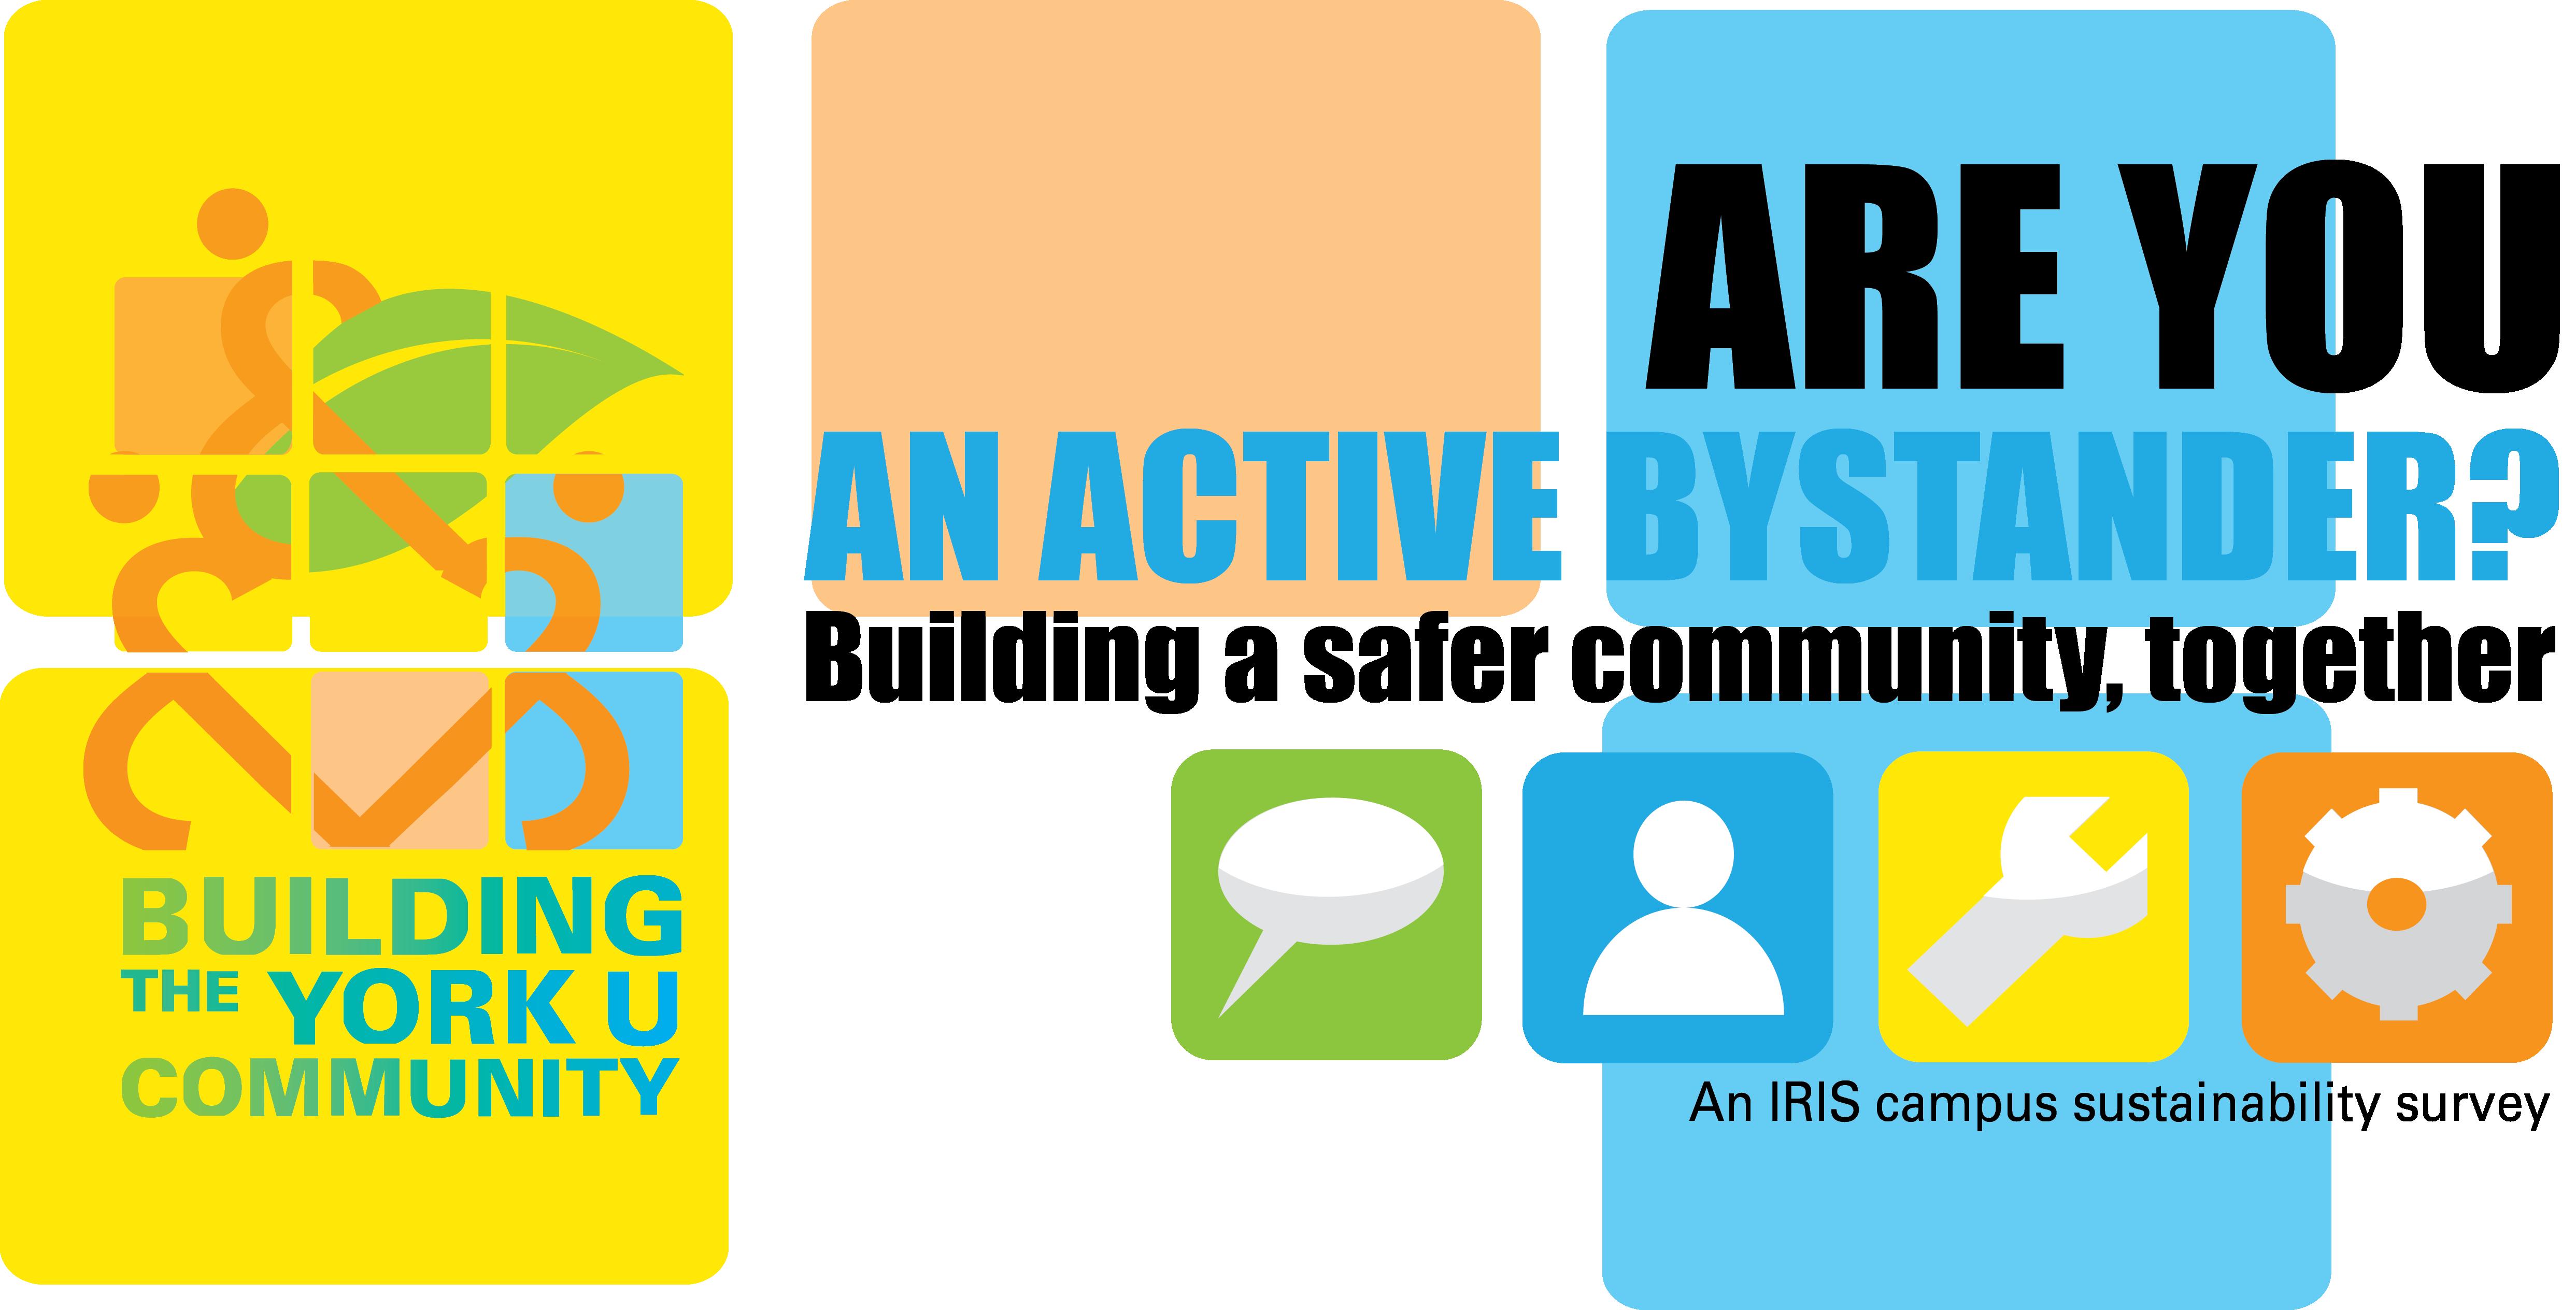 slideshow - active bystander - IRIS 5